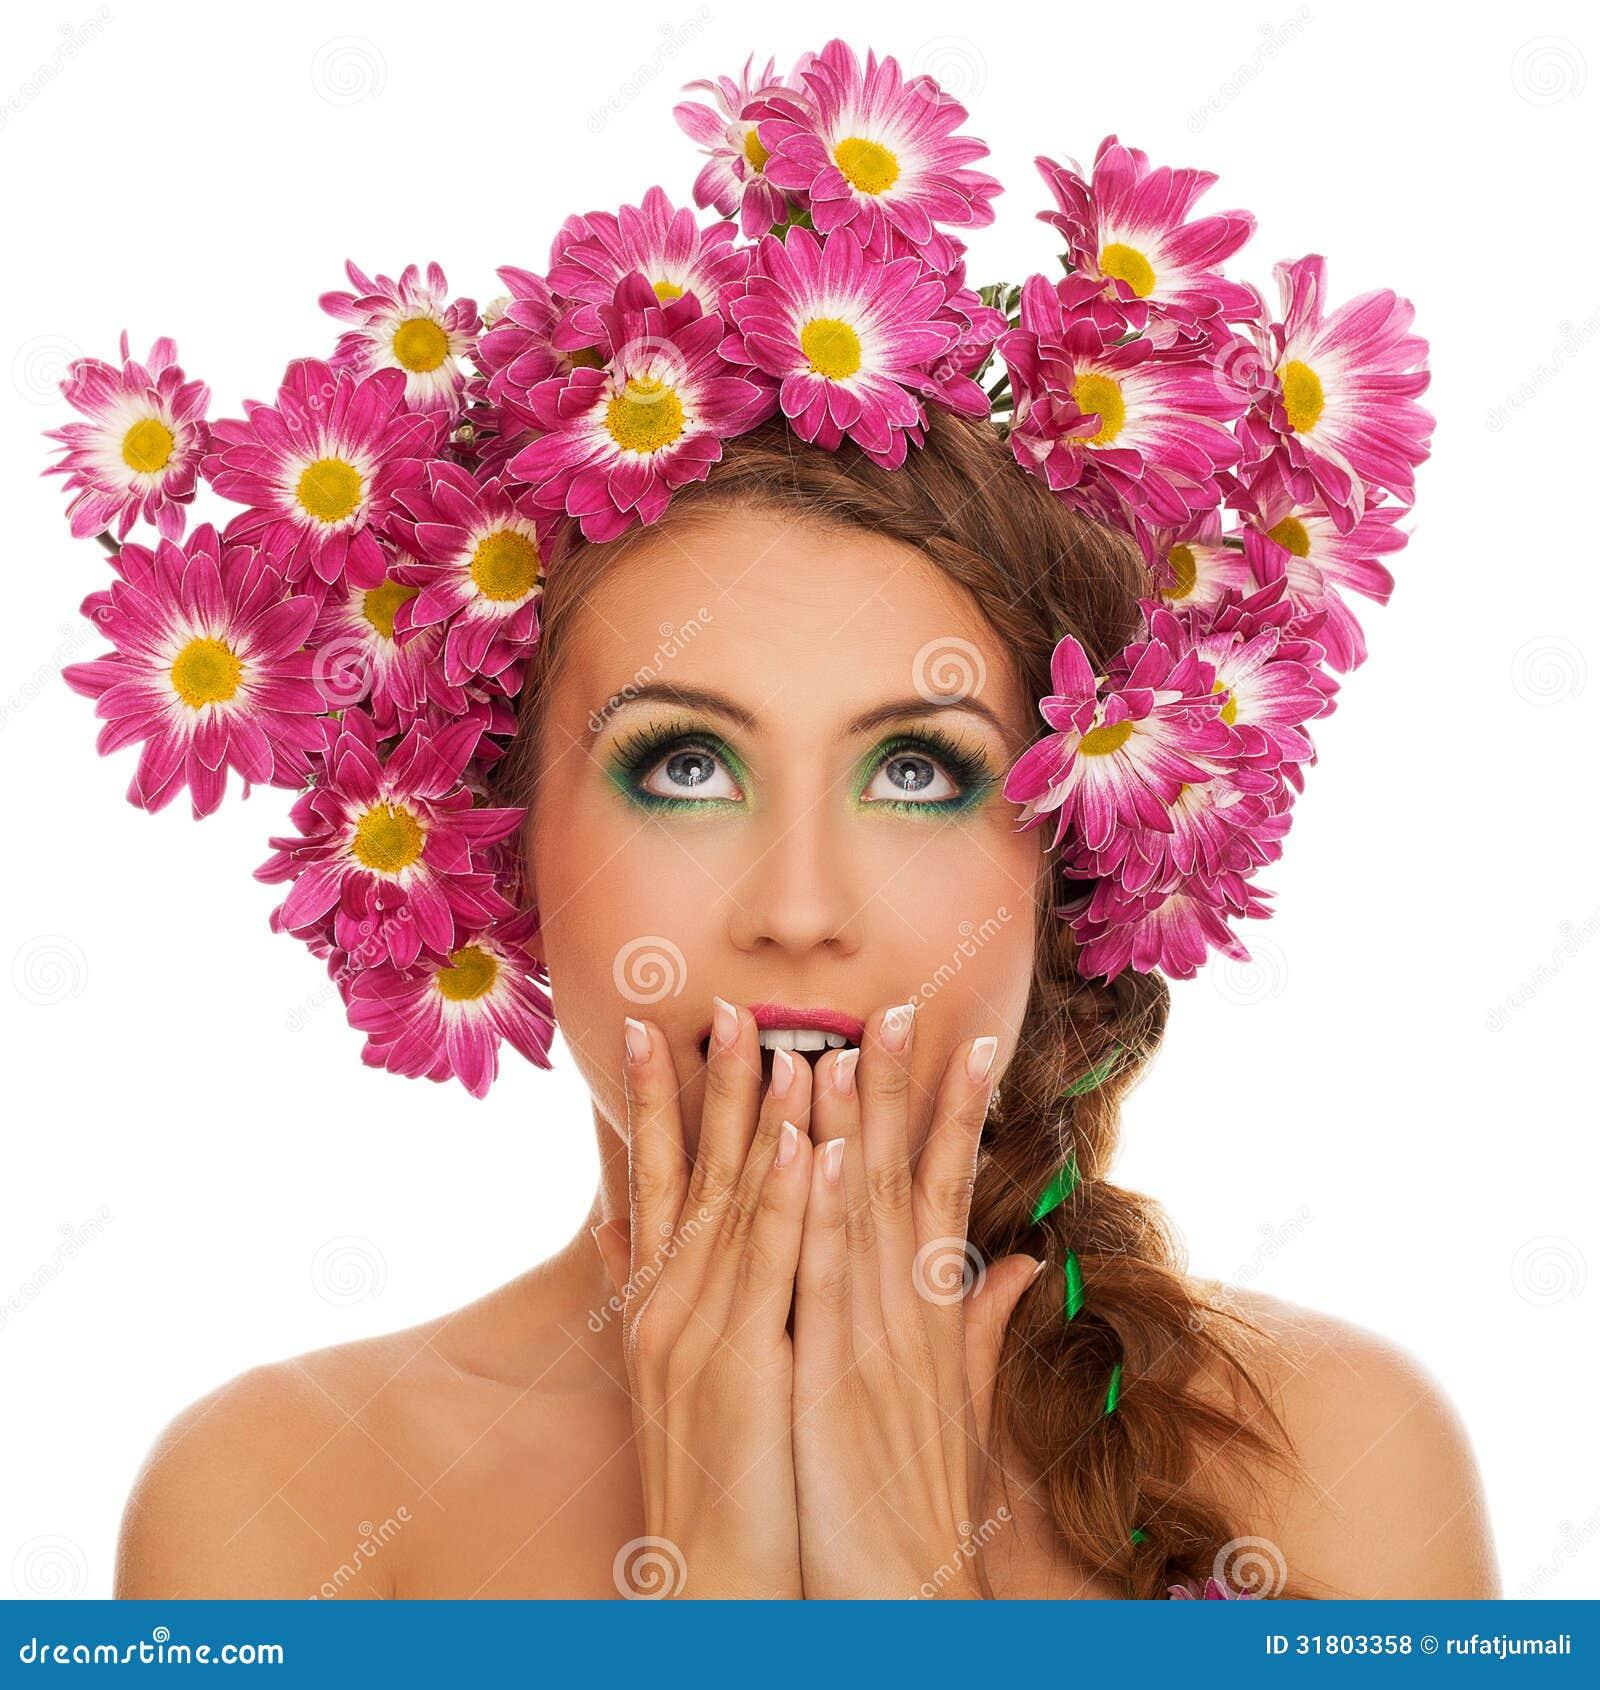 belle femme avec des fleurs dans les cheveux photo stock image 31803358. Black Bedroom Furniture Sets. Home Design Ideas